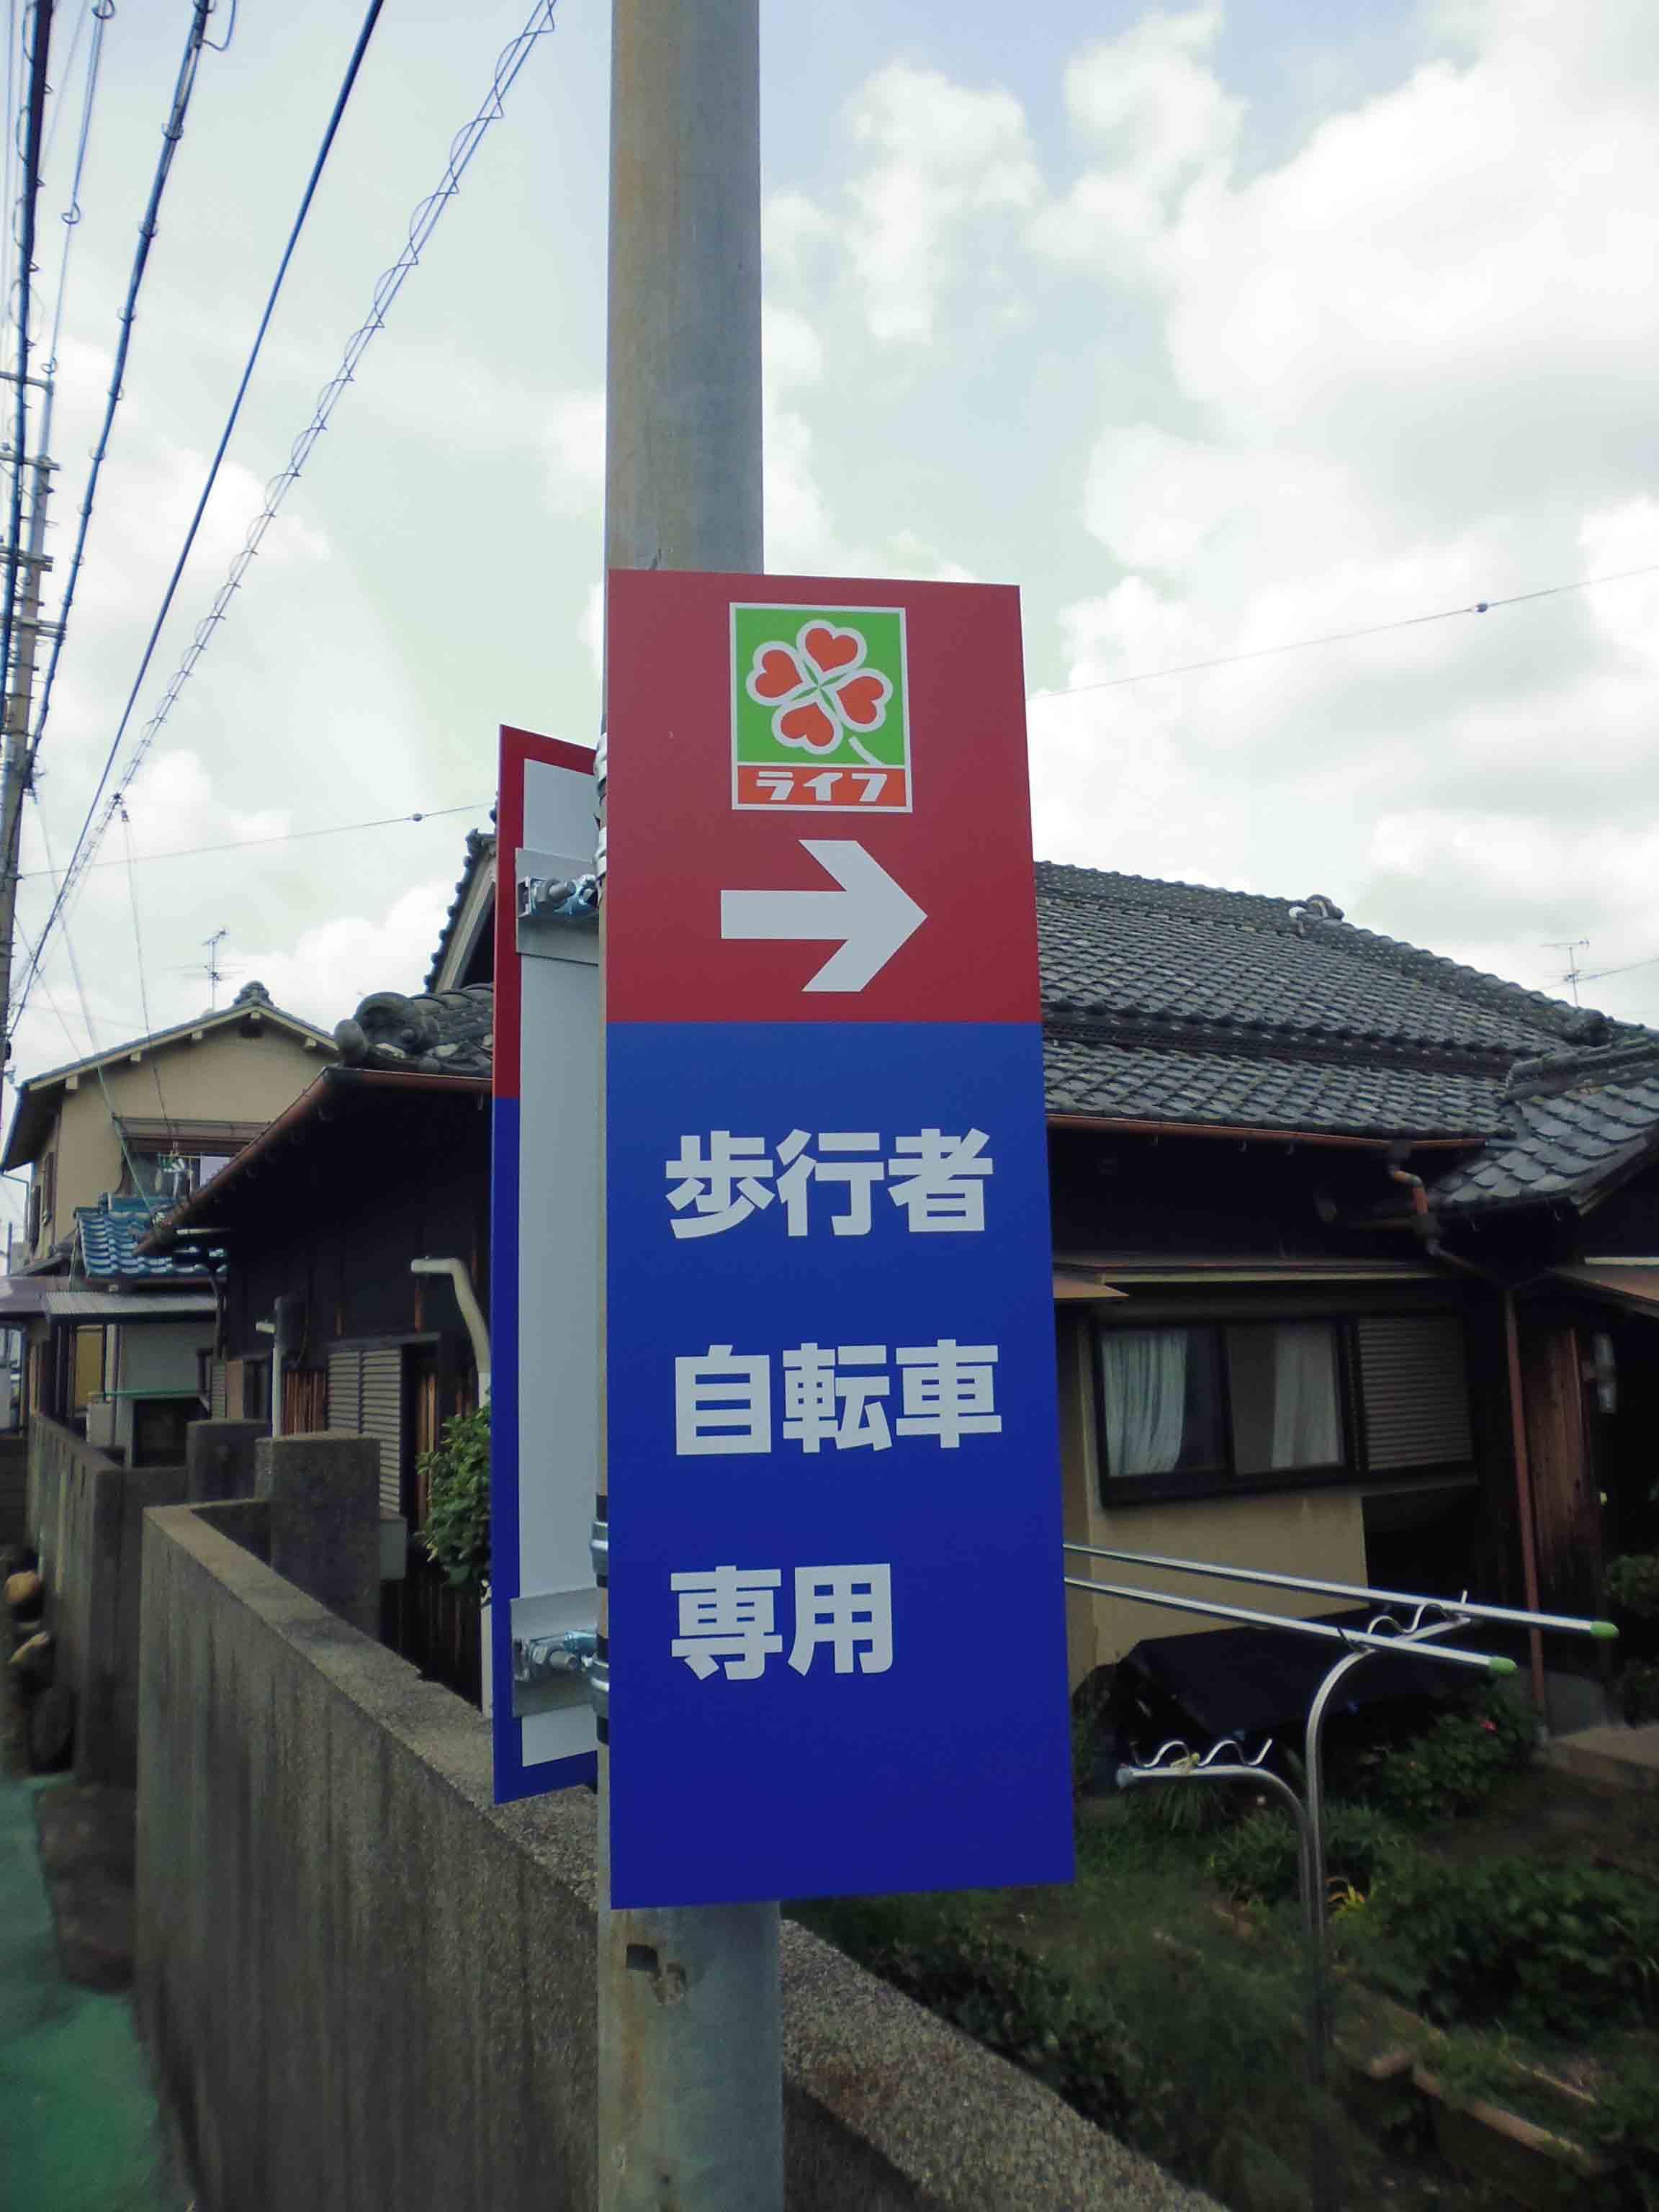 専用通路への誘導案内看板の取り付けのアイキャッチ画像